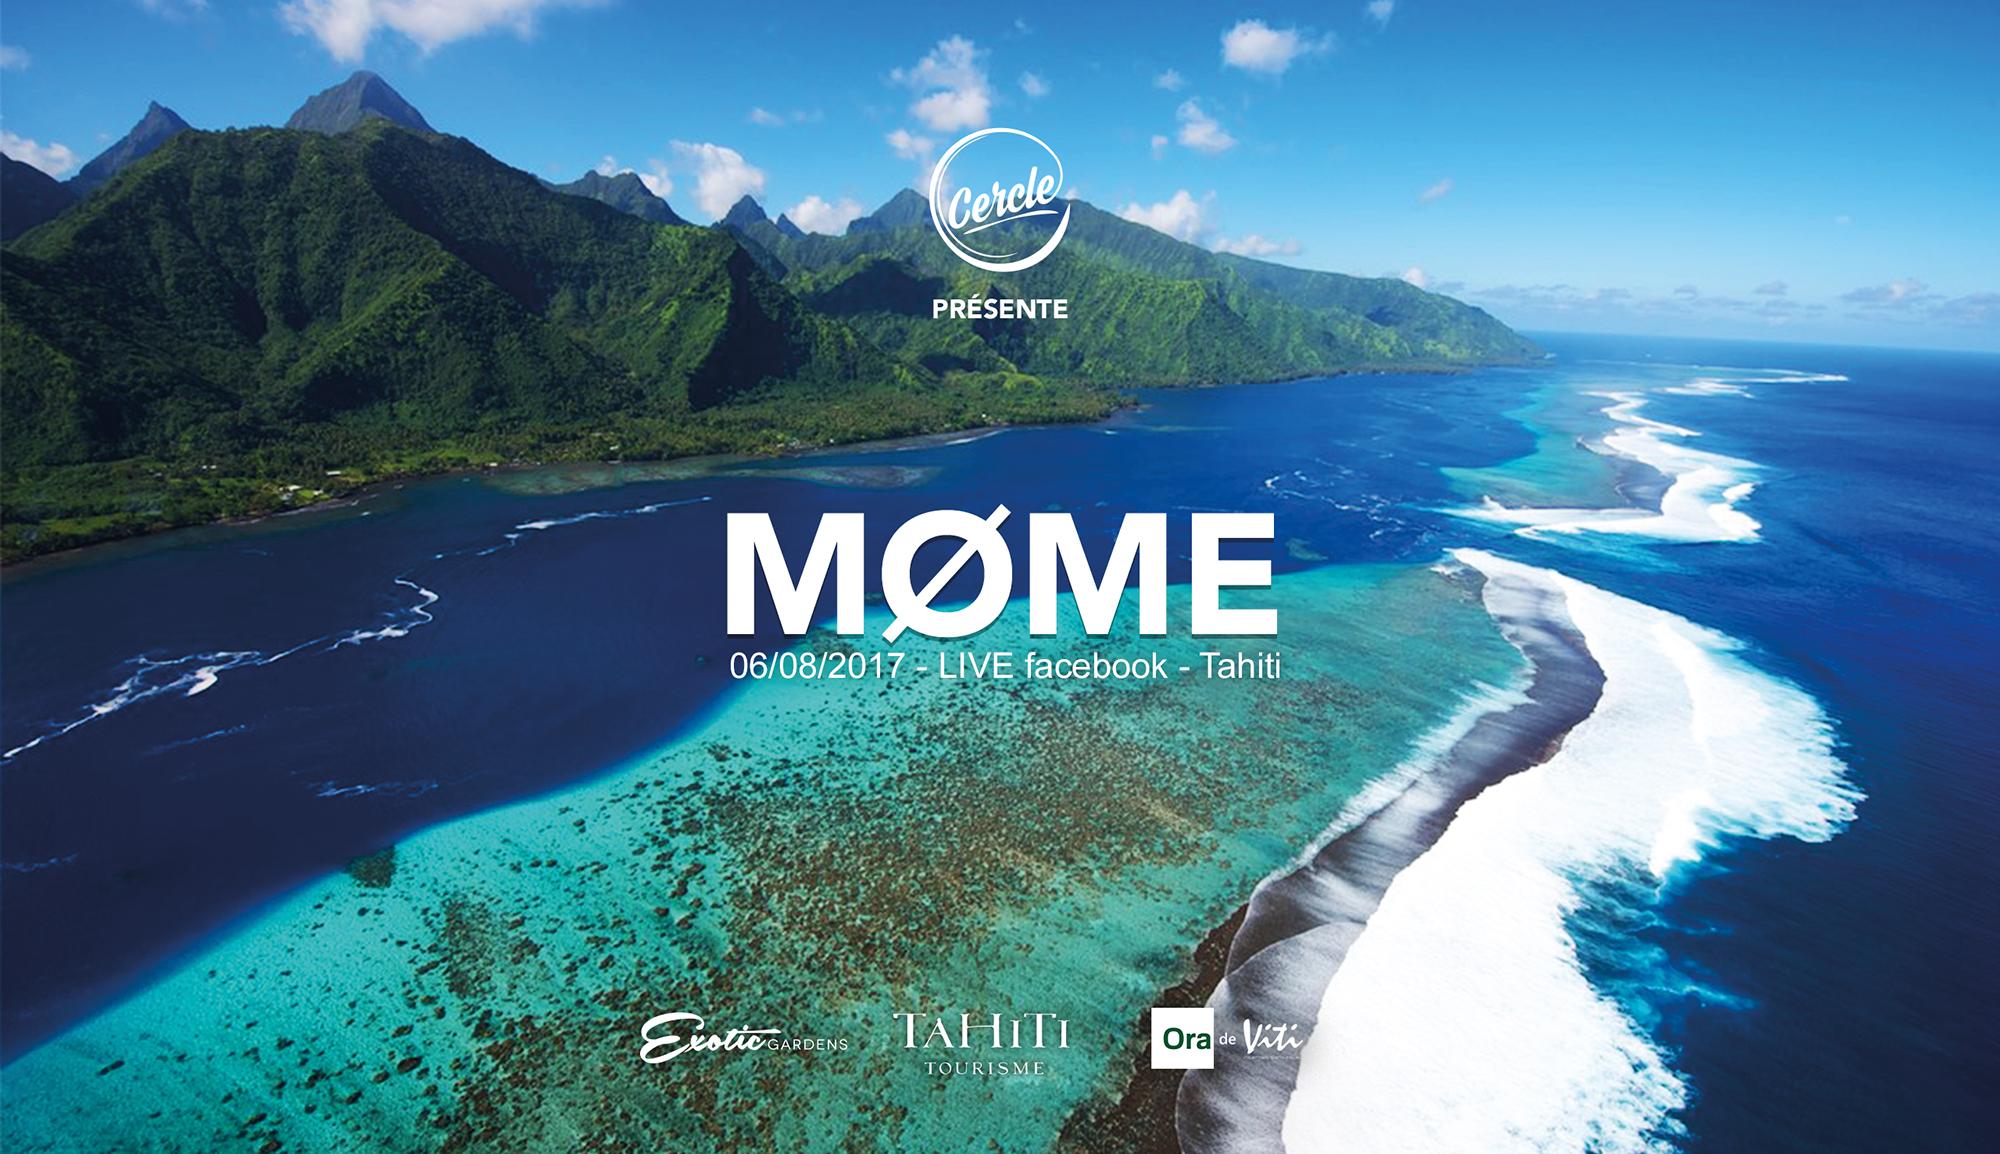 C'est depuis un bateau au large de l'île, dans un lieu inconnu, que Møme offrira un direct musical sur Facebook.